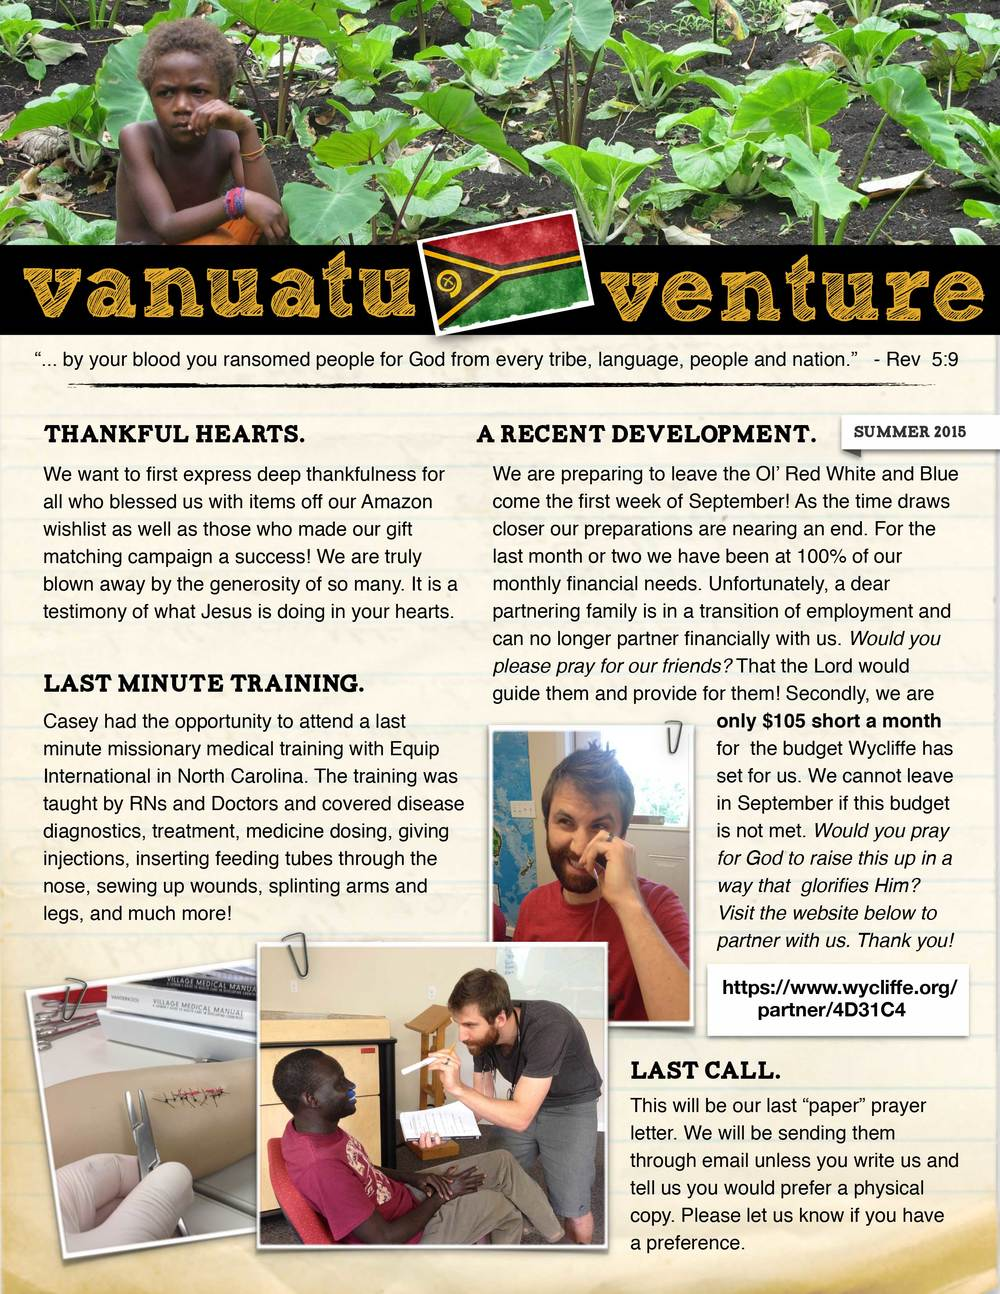 Vanuatu-Venture-Summer-2015-1.jpg